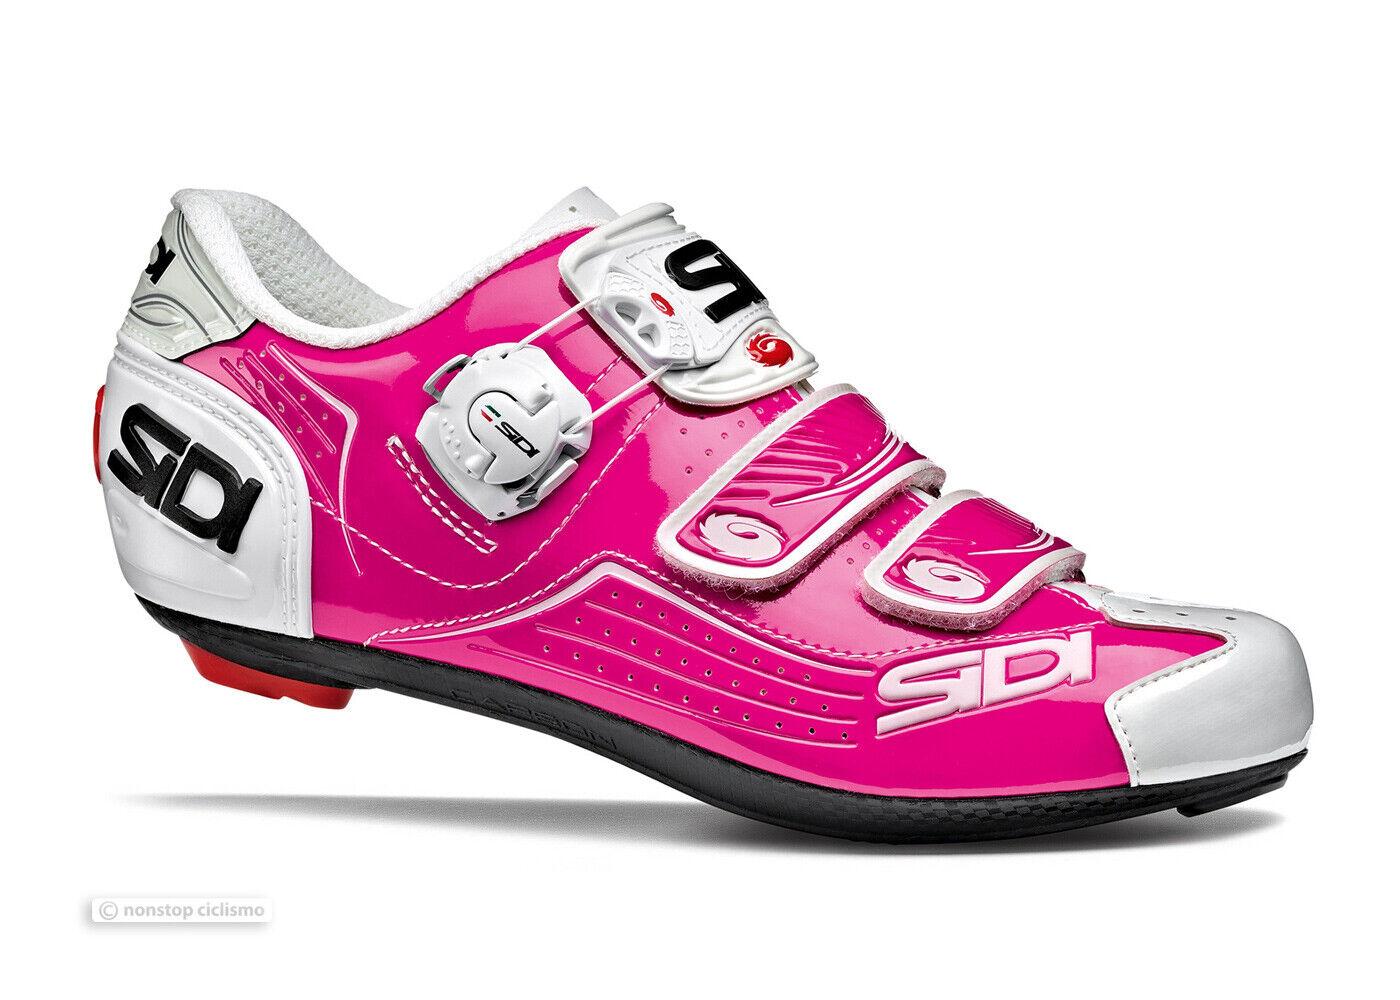 Sidi 2019 ALBA para mujer road cycling zapatos  Fucsia blancoo-Nuevo En Caja